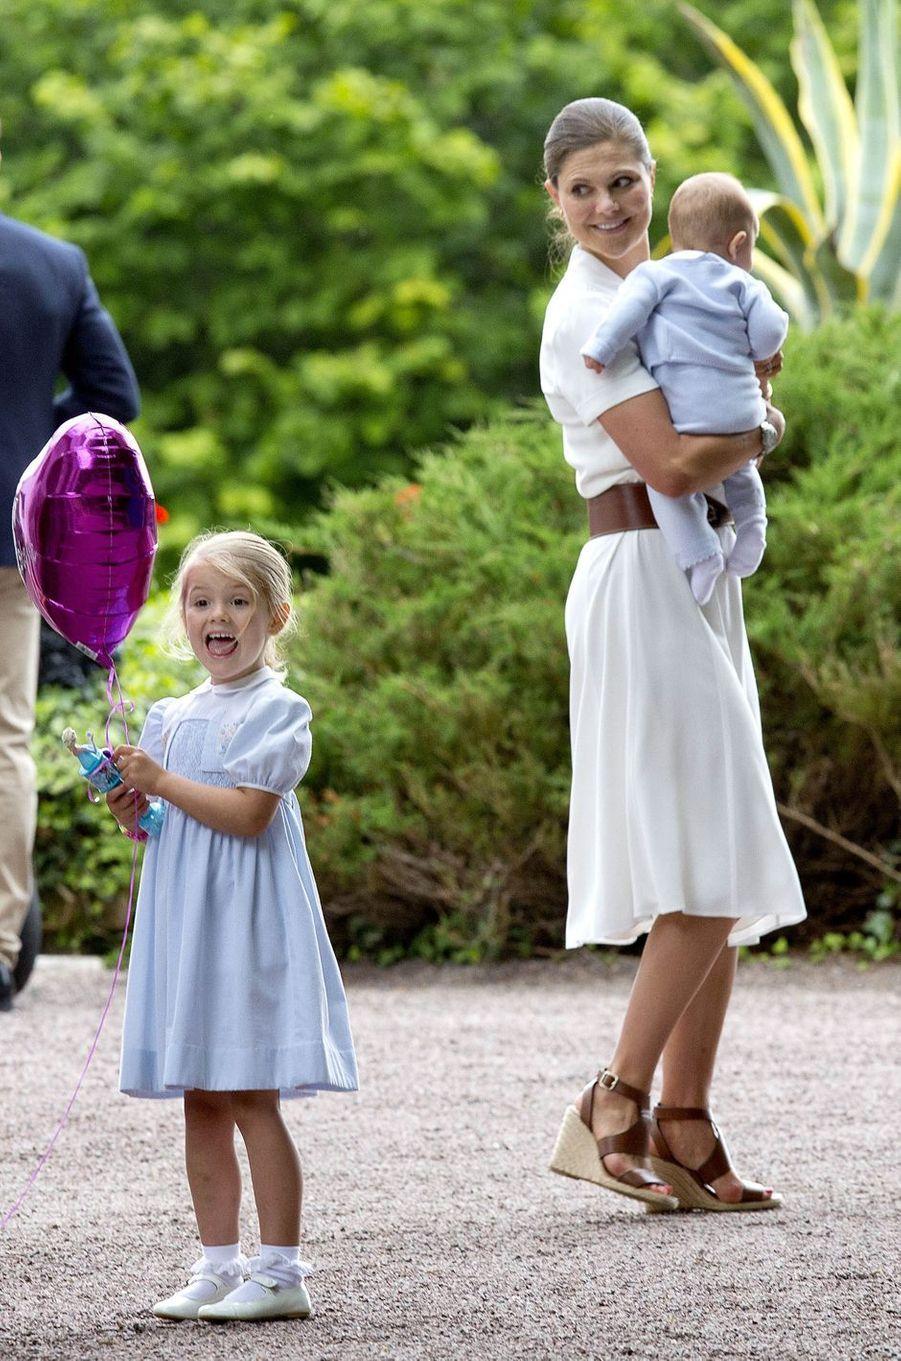 La princesse Victoria de Suède avec la princesse Estelle et le prince Oscar, le 14 juillet 2016